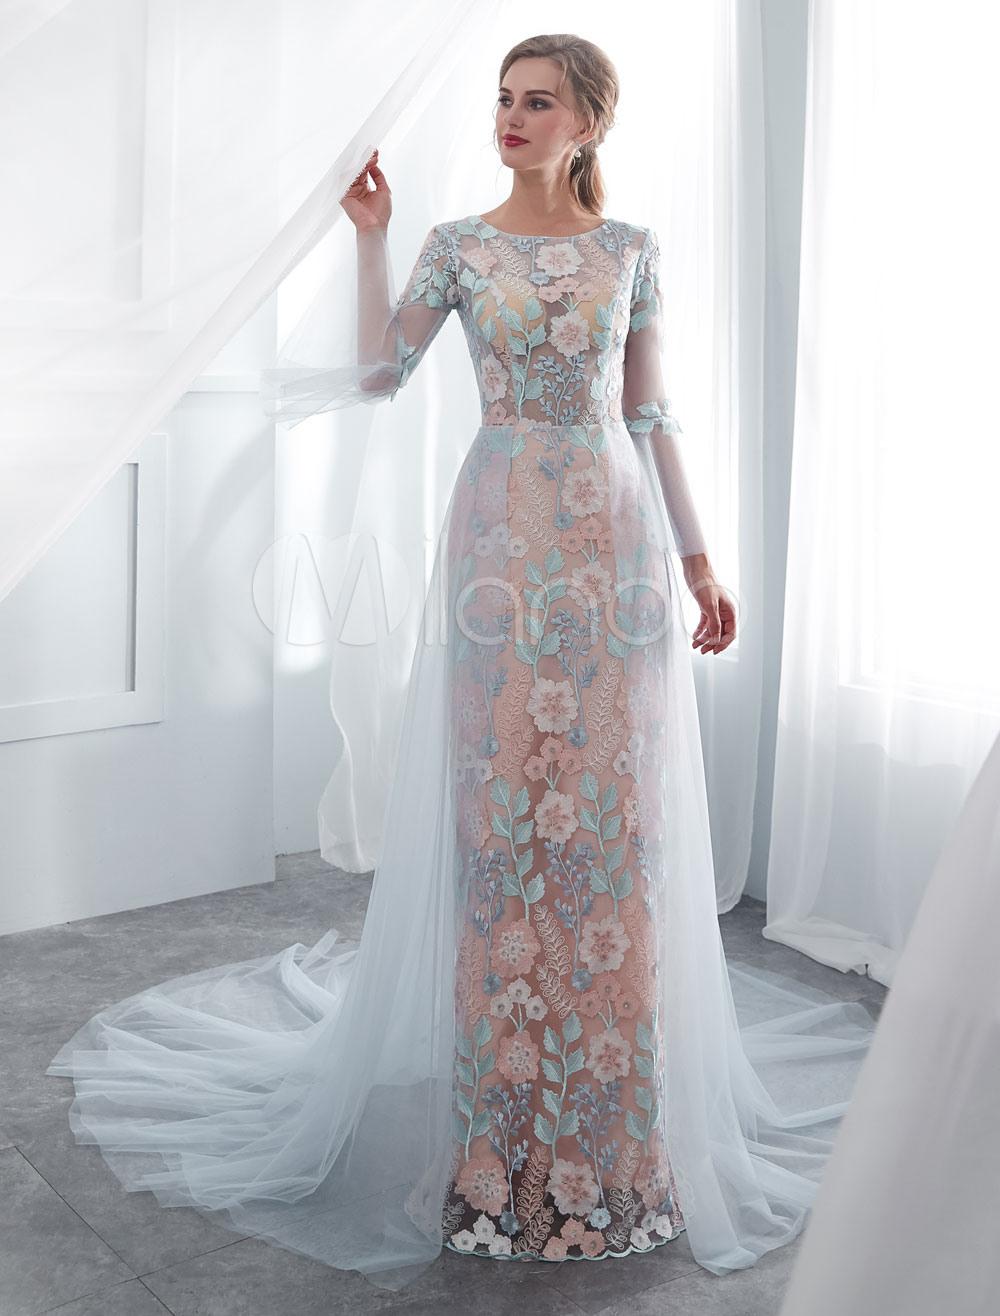 Abend Großartig Farbige Brautkleider Ärmel13 Wunderbar Farbige Brautkleider Boutique